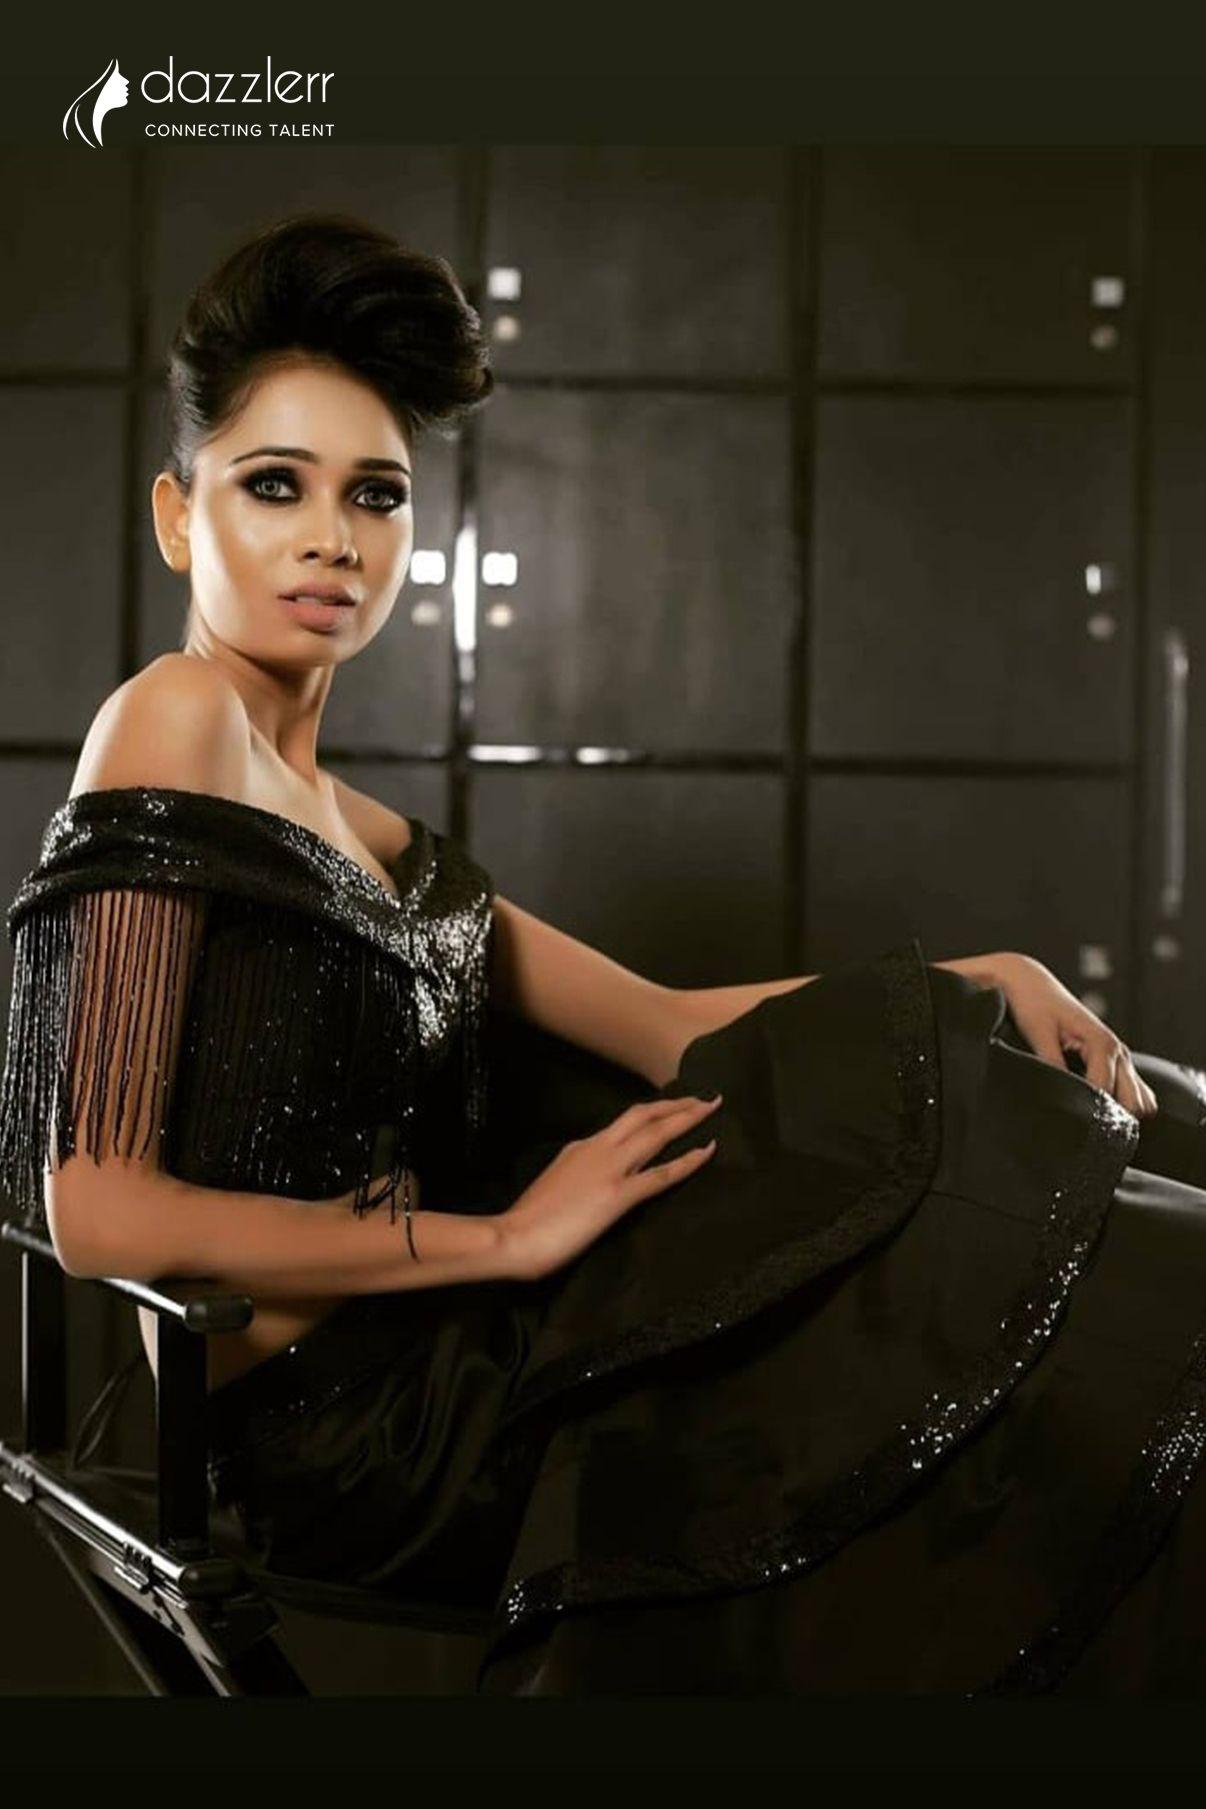 Model Anushka Mishra Available for Fashion Shows, Print